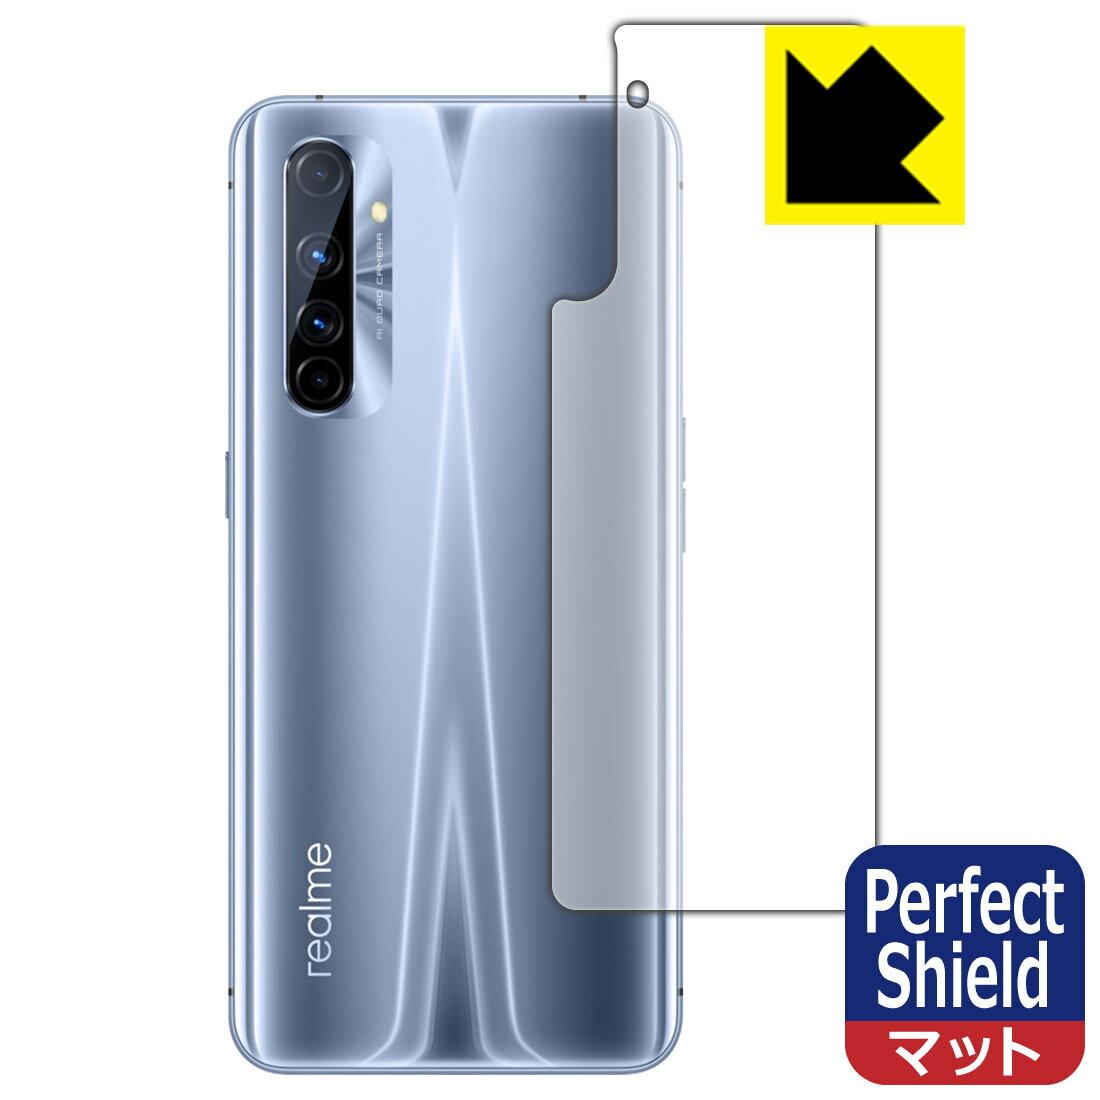 スマートフォン・携帯電話アクセサリー, 液晶保護フィルム Perfect Shield Realme X50 Pro Player 5G () RCPsmtb-kd